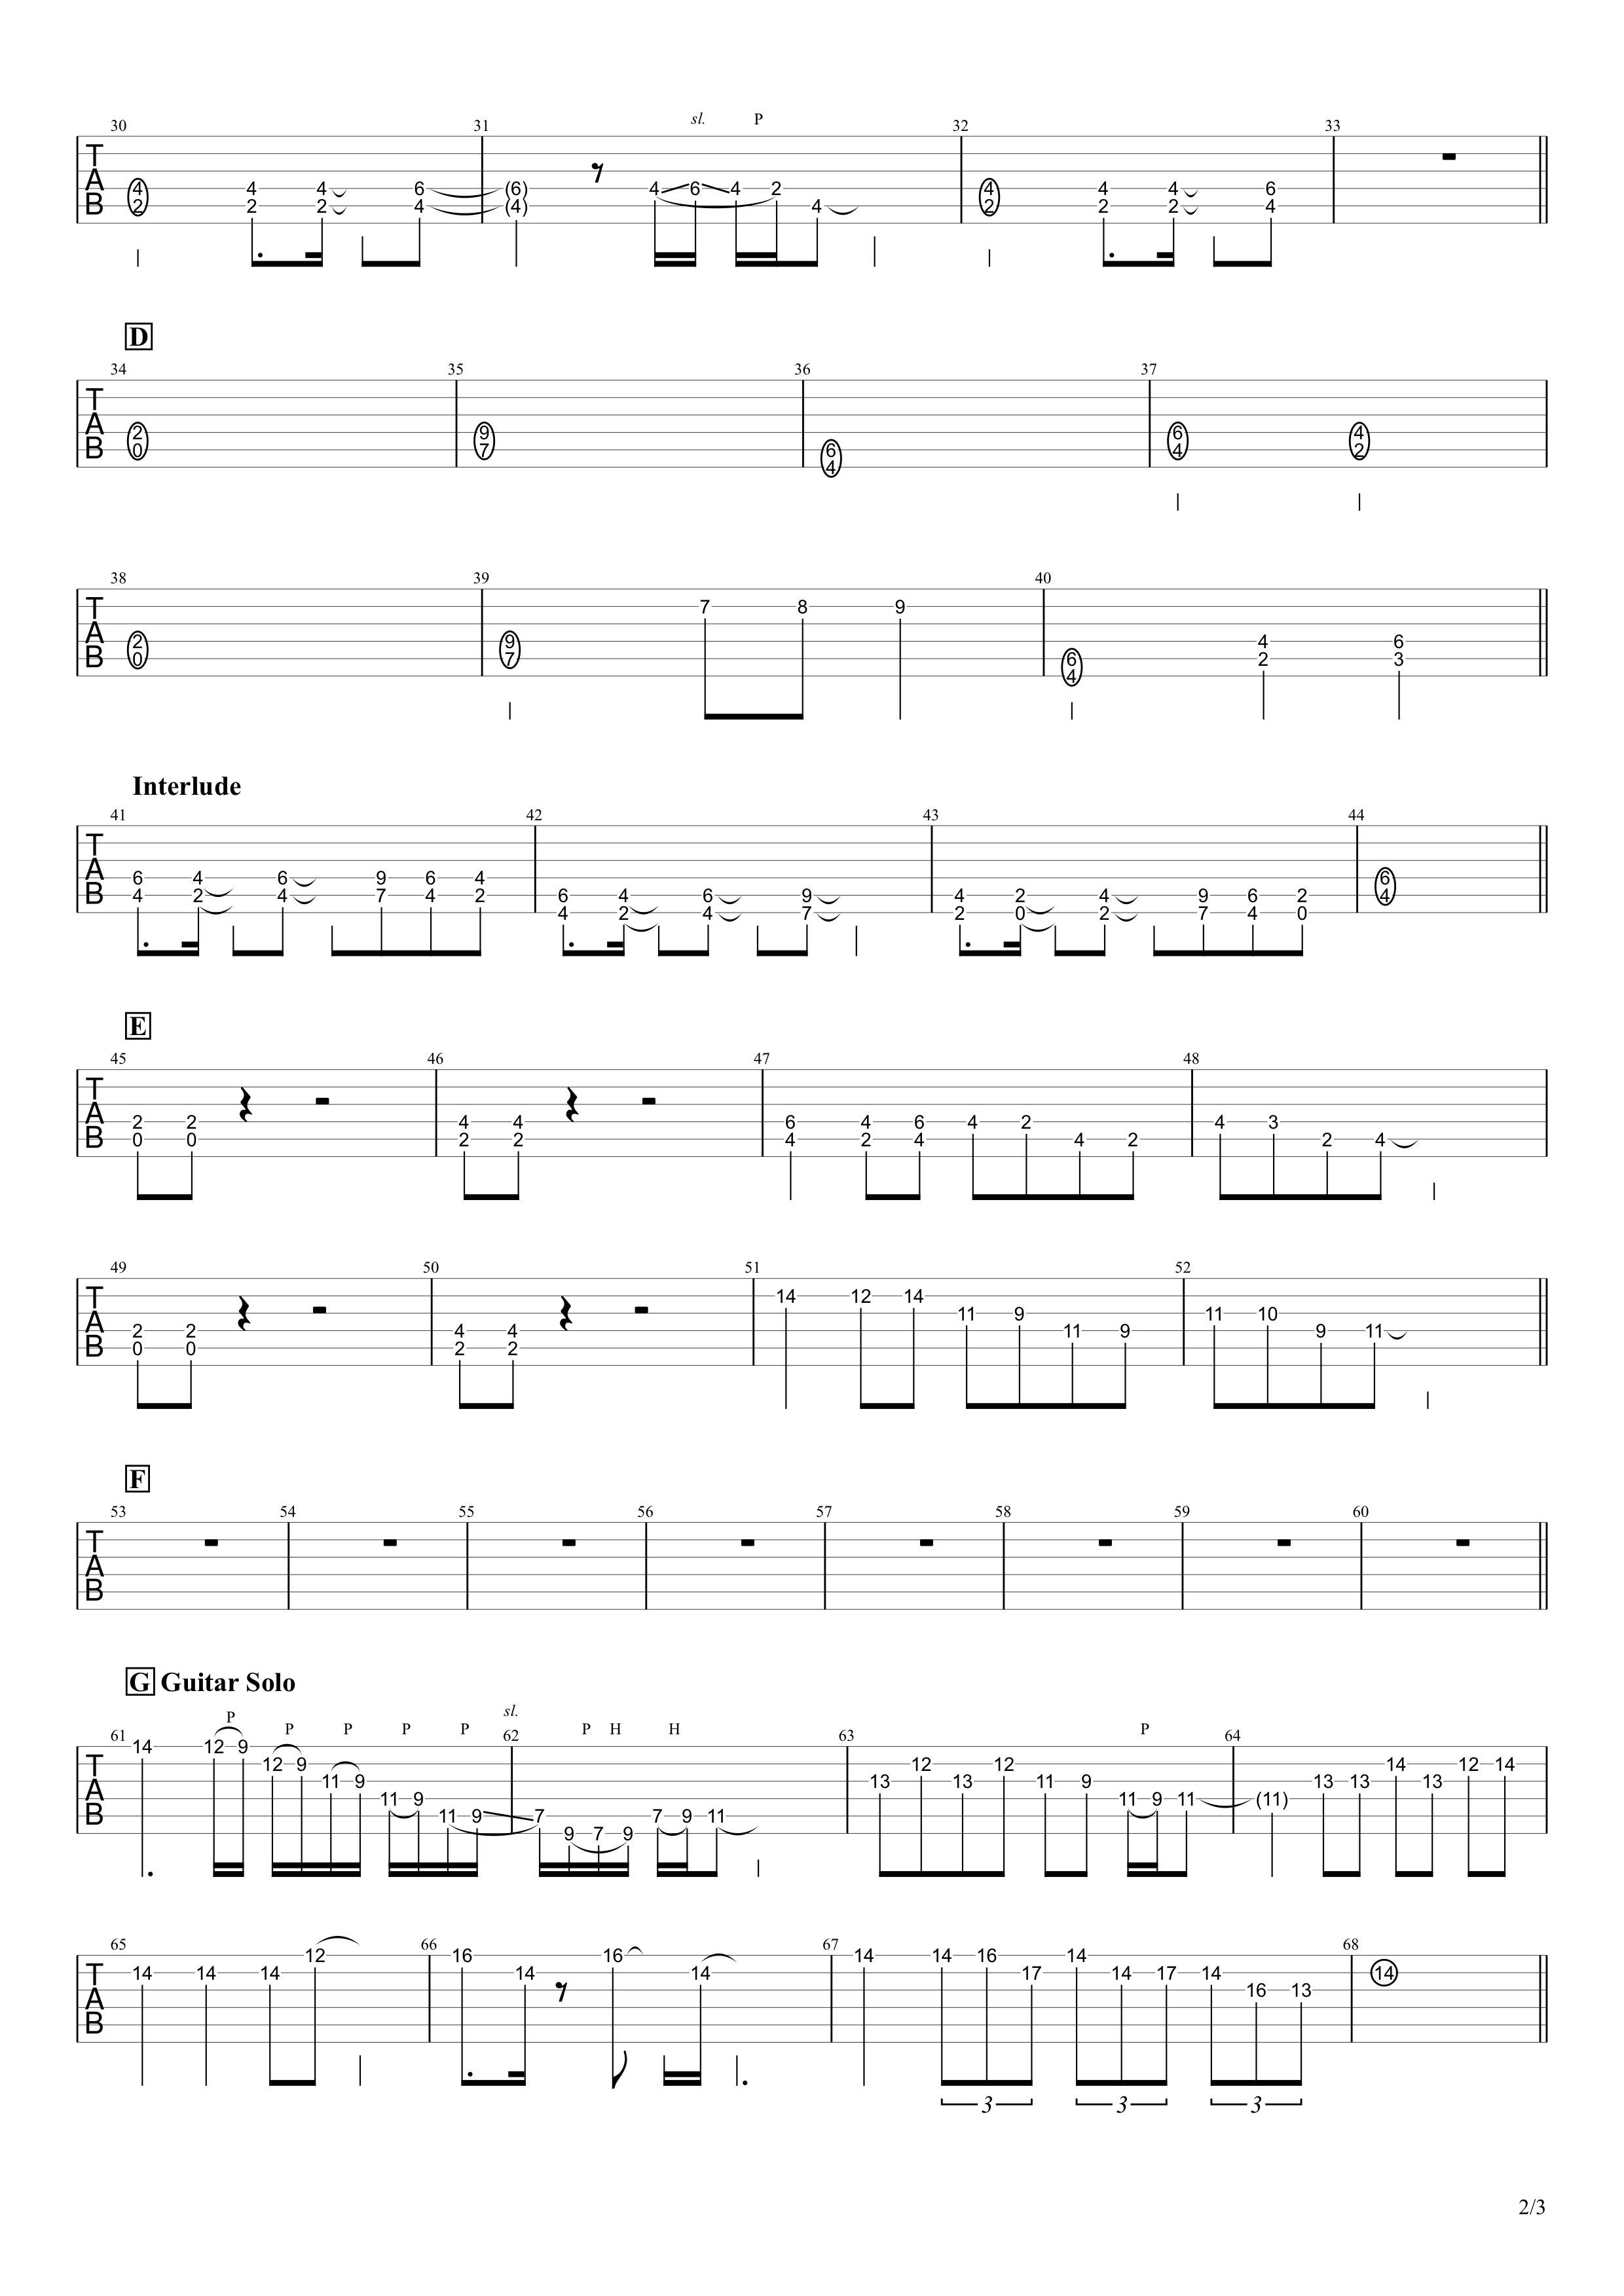 有頂天/B'z ギタースコア02